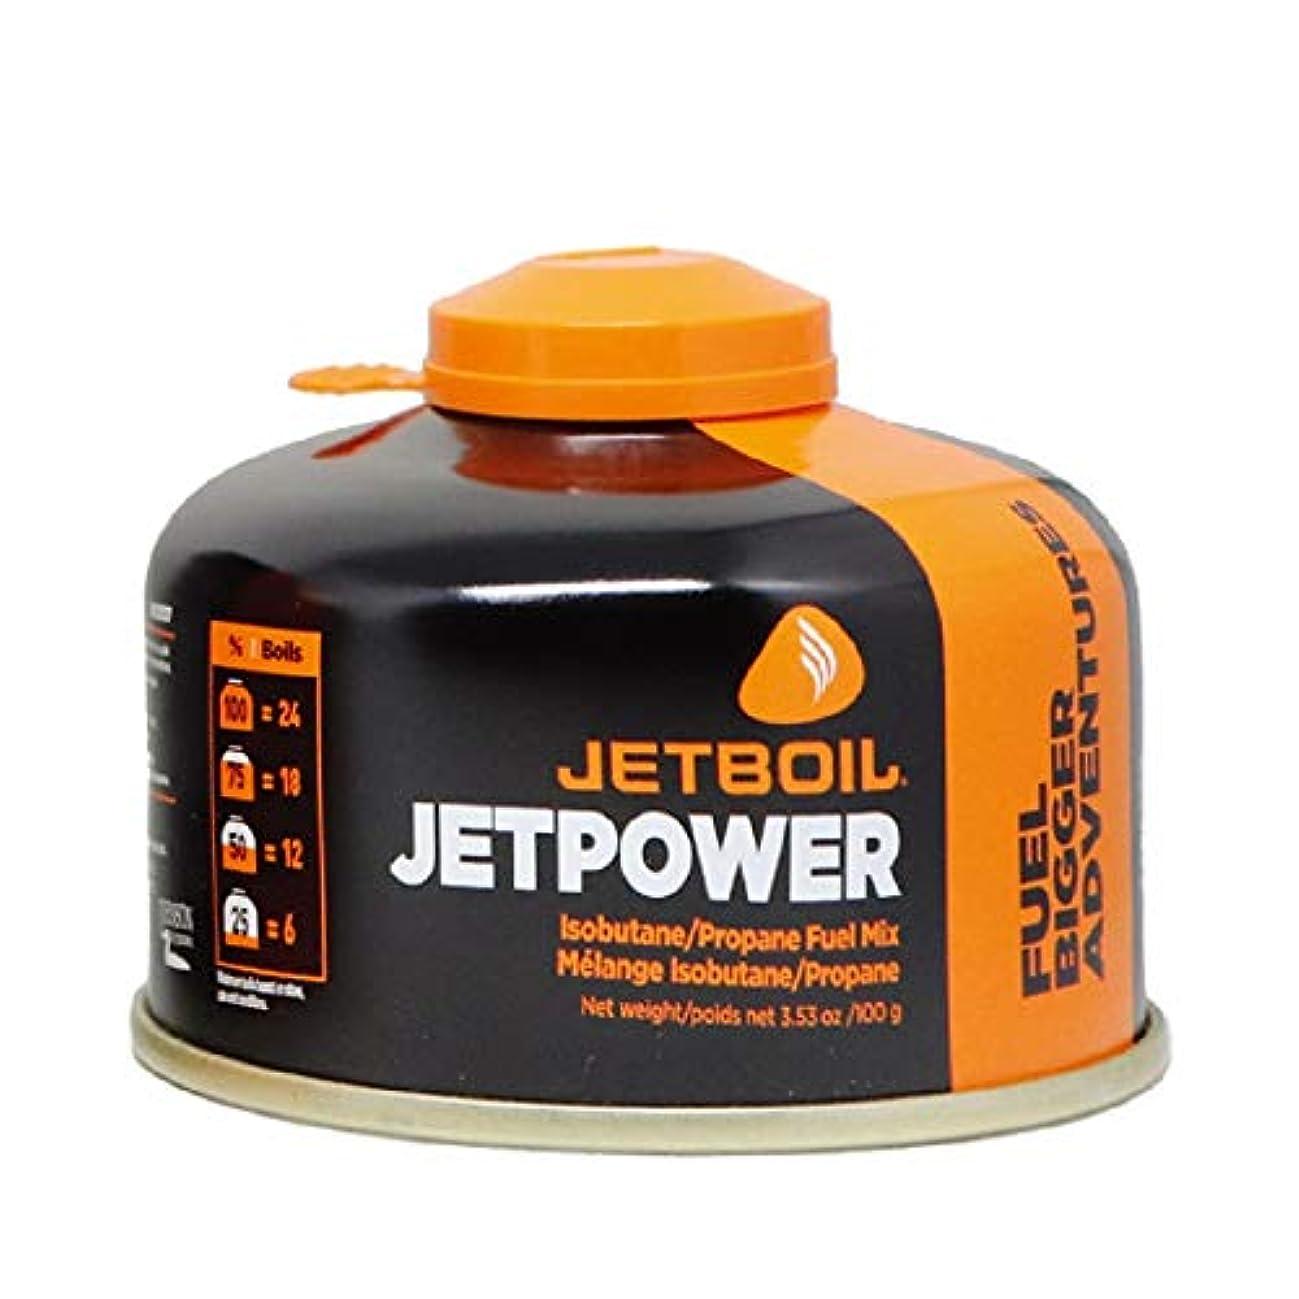 悪意のある知らせる動機JETBOIL(ジェットボイル) ジェットパワー100(ガスカートリッジ)